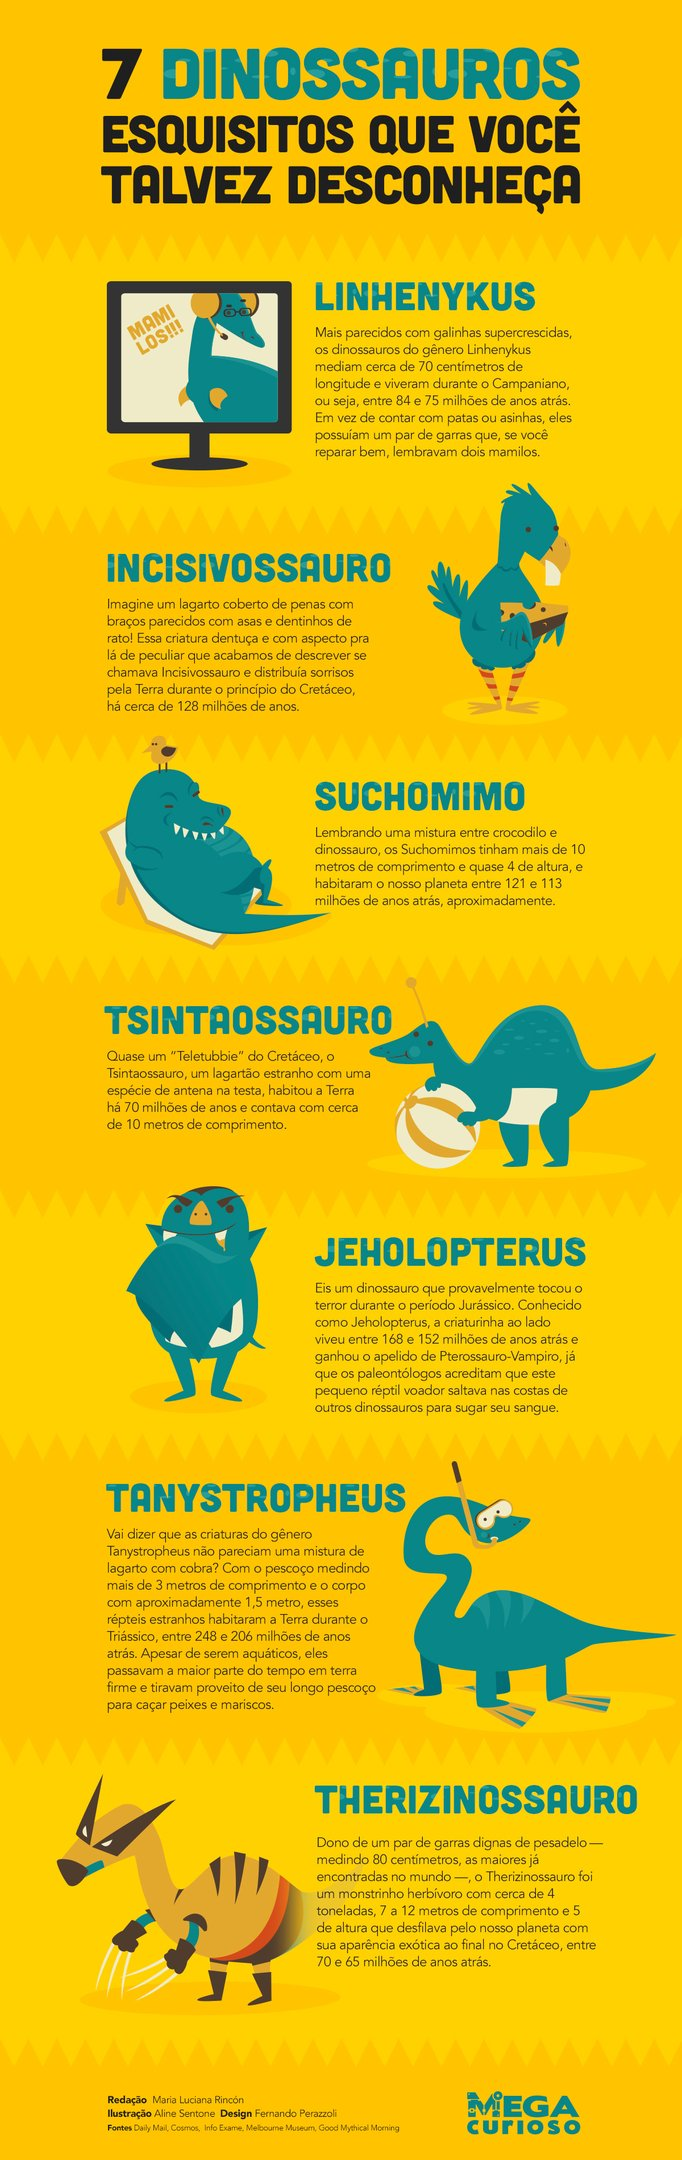 7 dinossauros esquisitos que você talvez desconheça [infográfico]